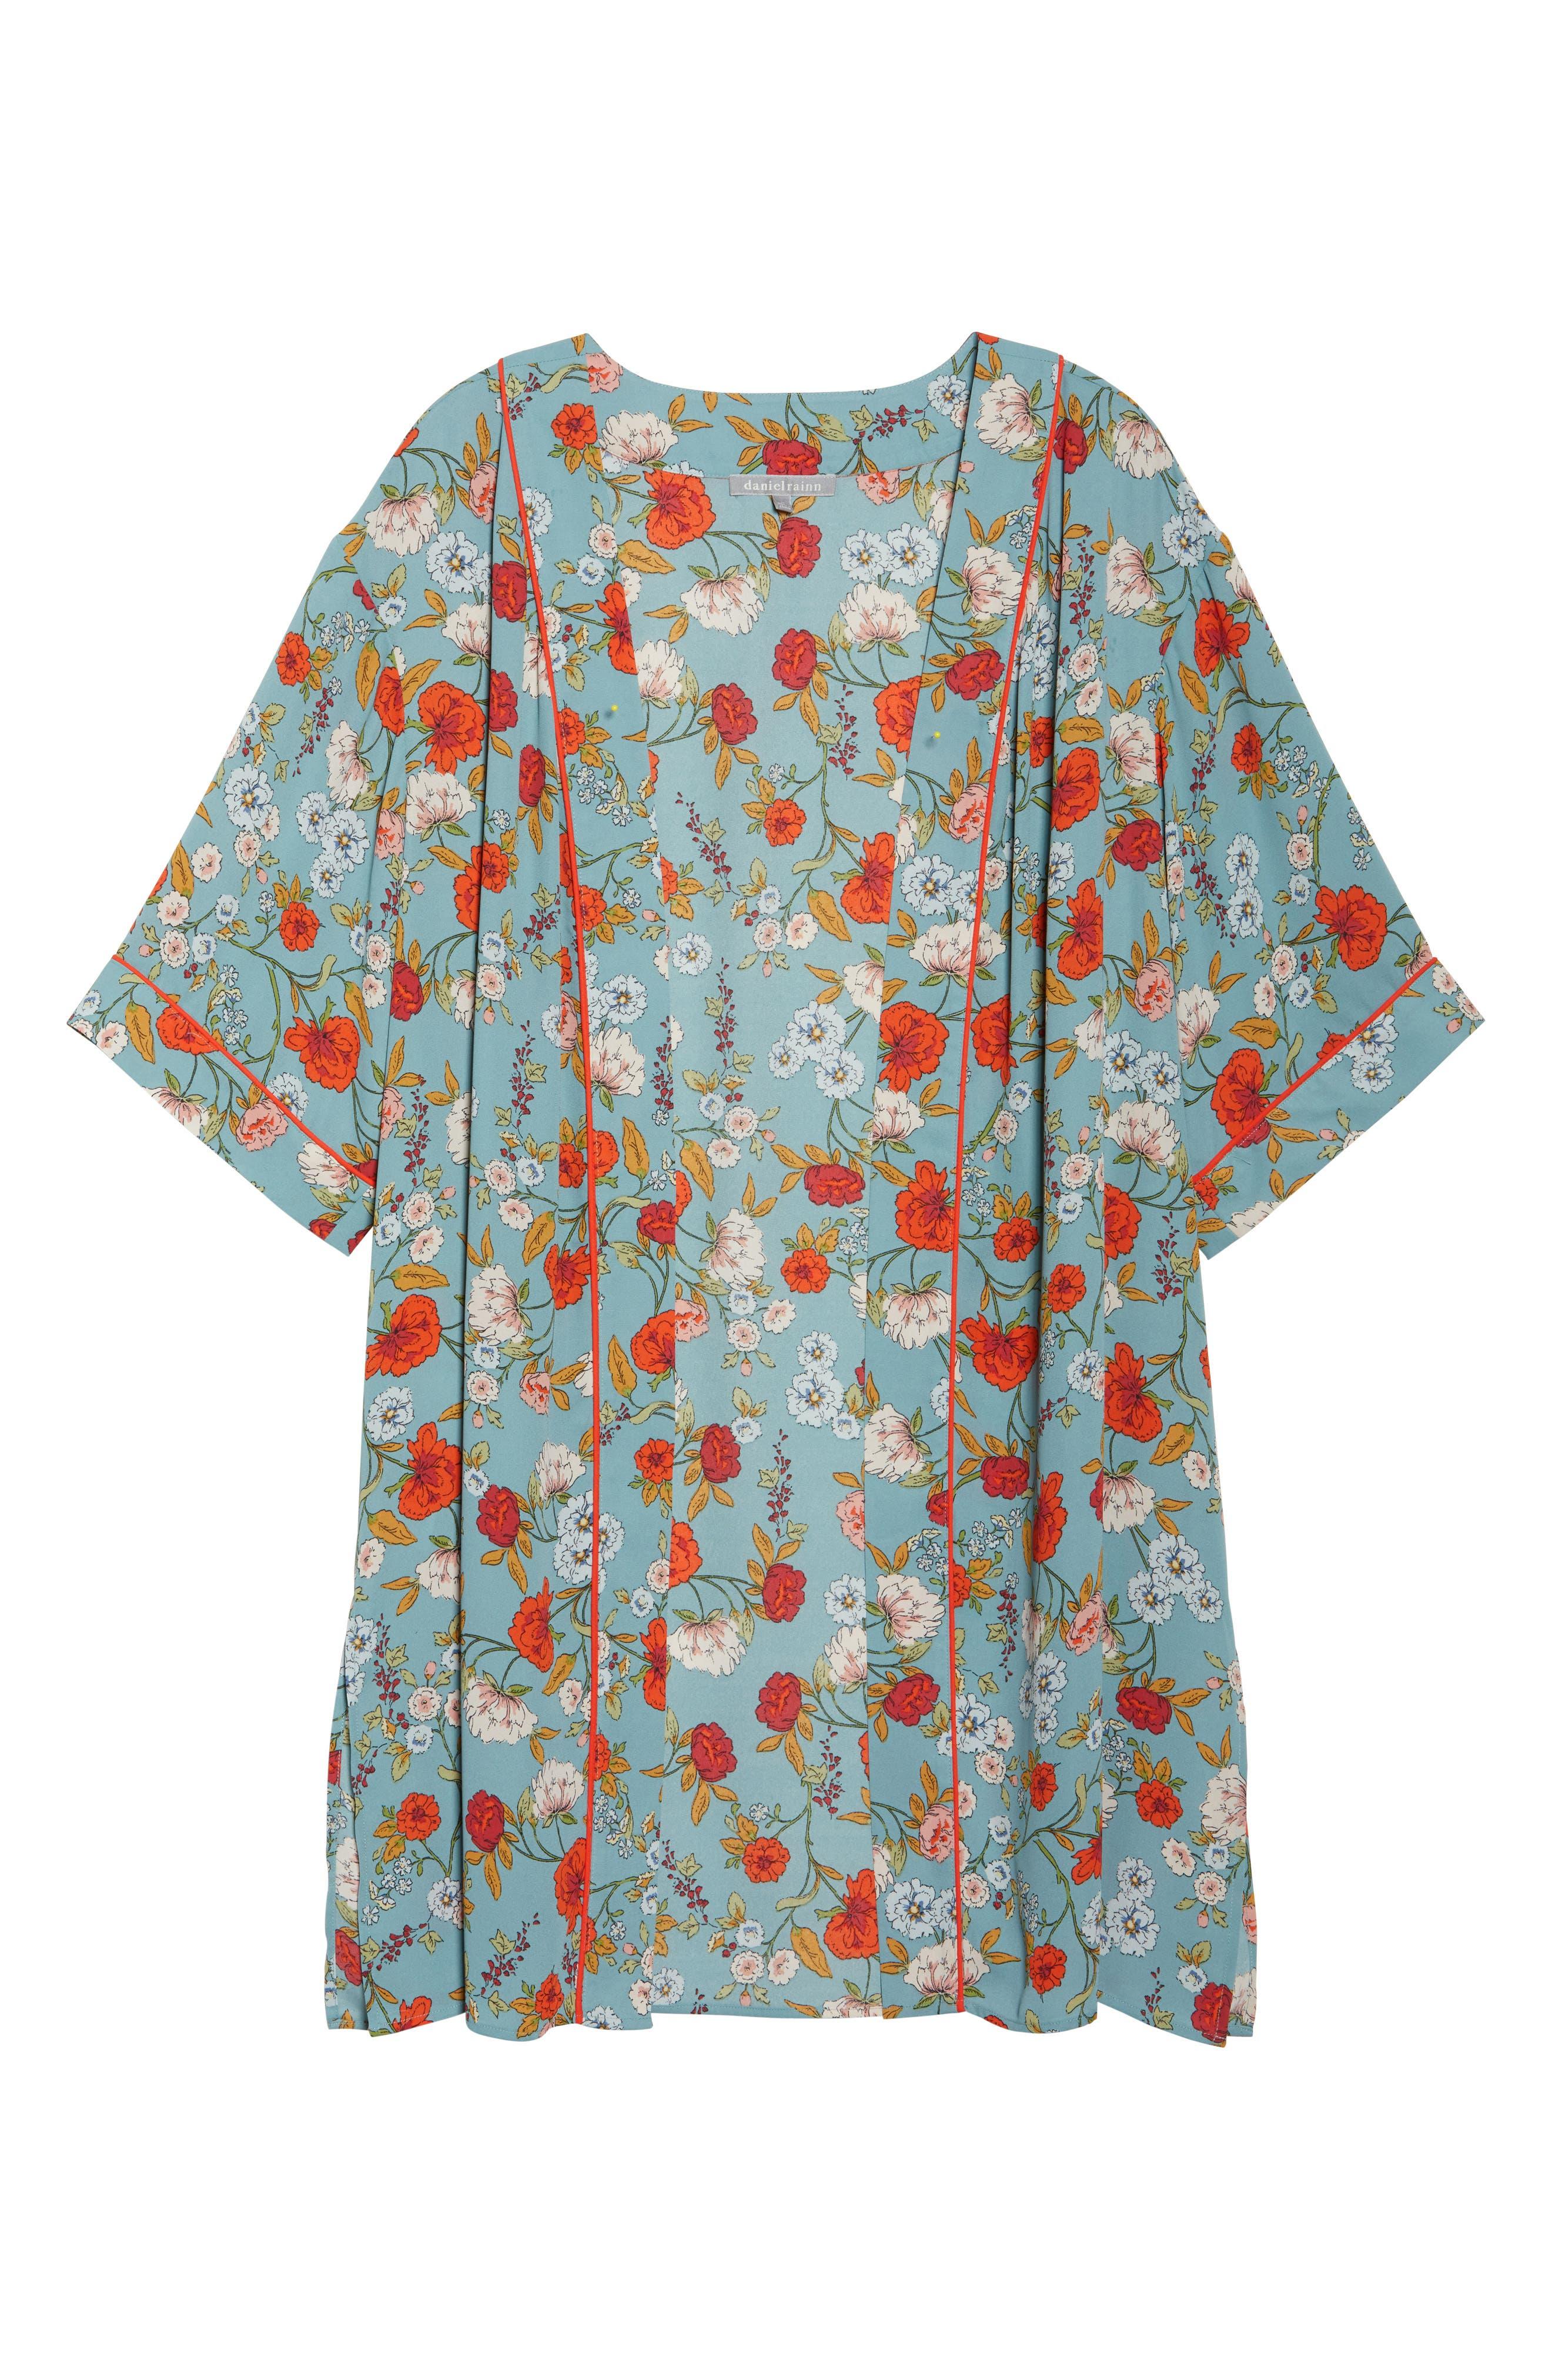 Floral Kimono,                             Alternate thumbnail 7, color,                             D598n Basil